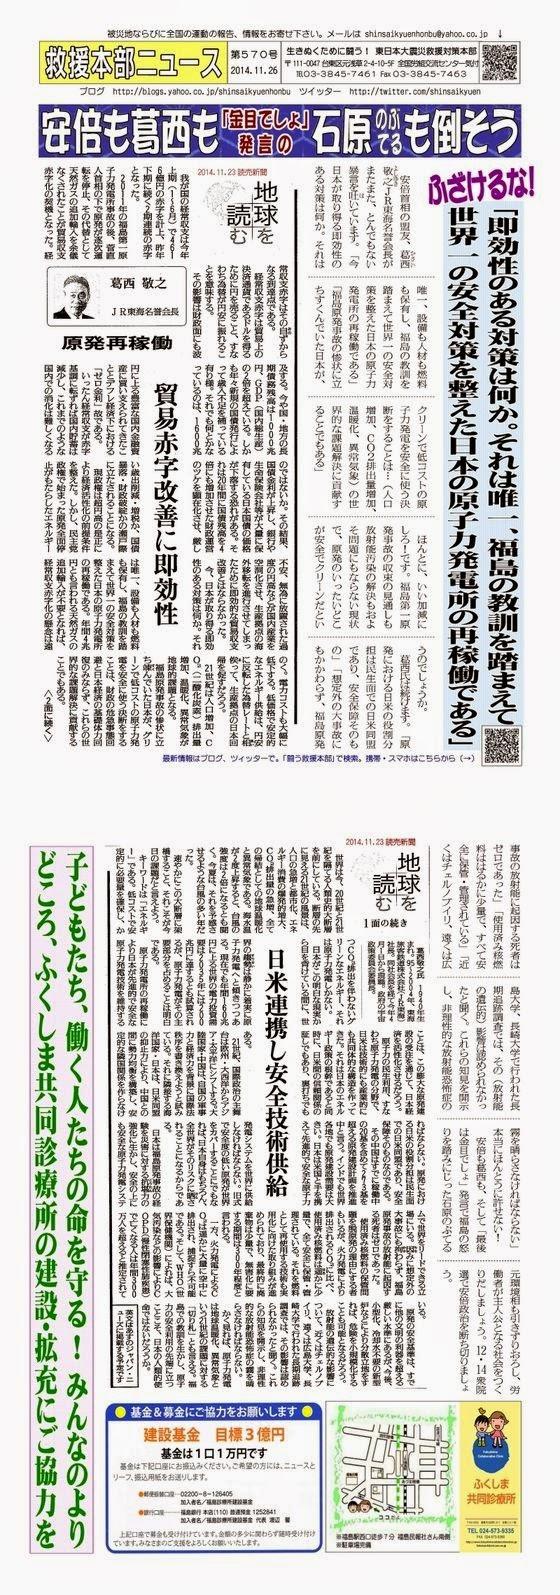 http://blogs.yahoo.co.jp/shinsaikyuenhonbu/12775448.html